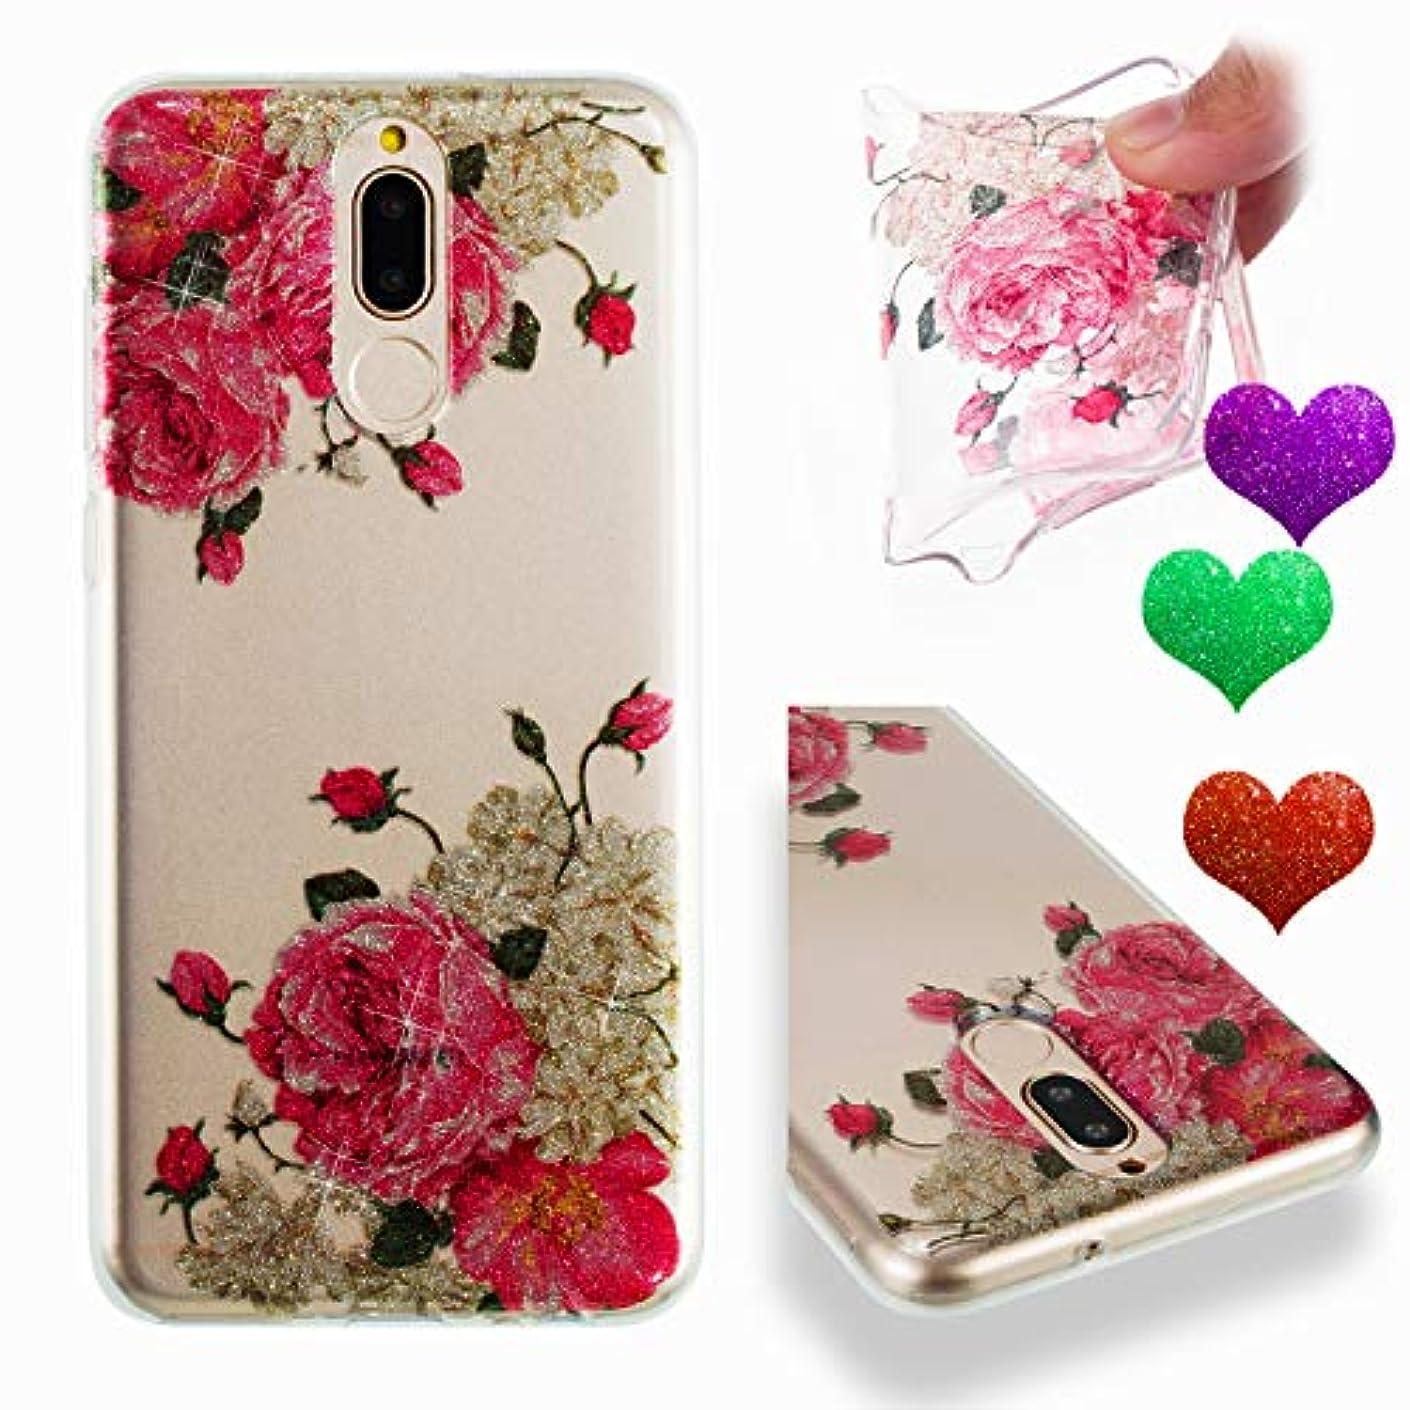 スチュアート島スチュワーデス共同選択Samsung Galaxy S9+ ケース 手帳型 本革 レザー カバー 財布型 スタンド機能 カードポケット 耐摩擦 耐汚れ 全面保護 人気 アイフォン